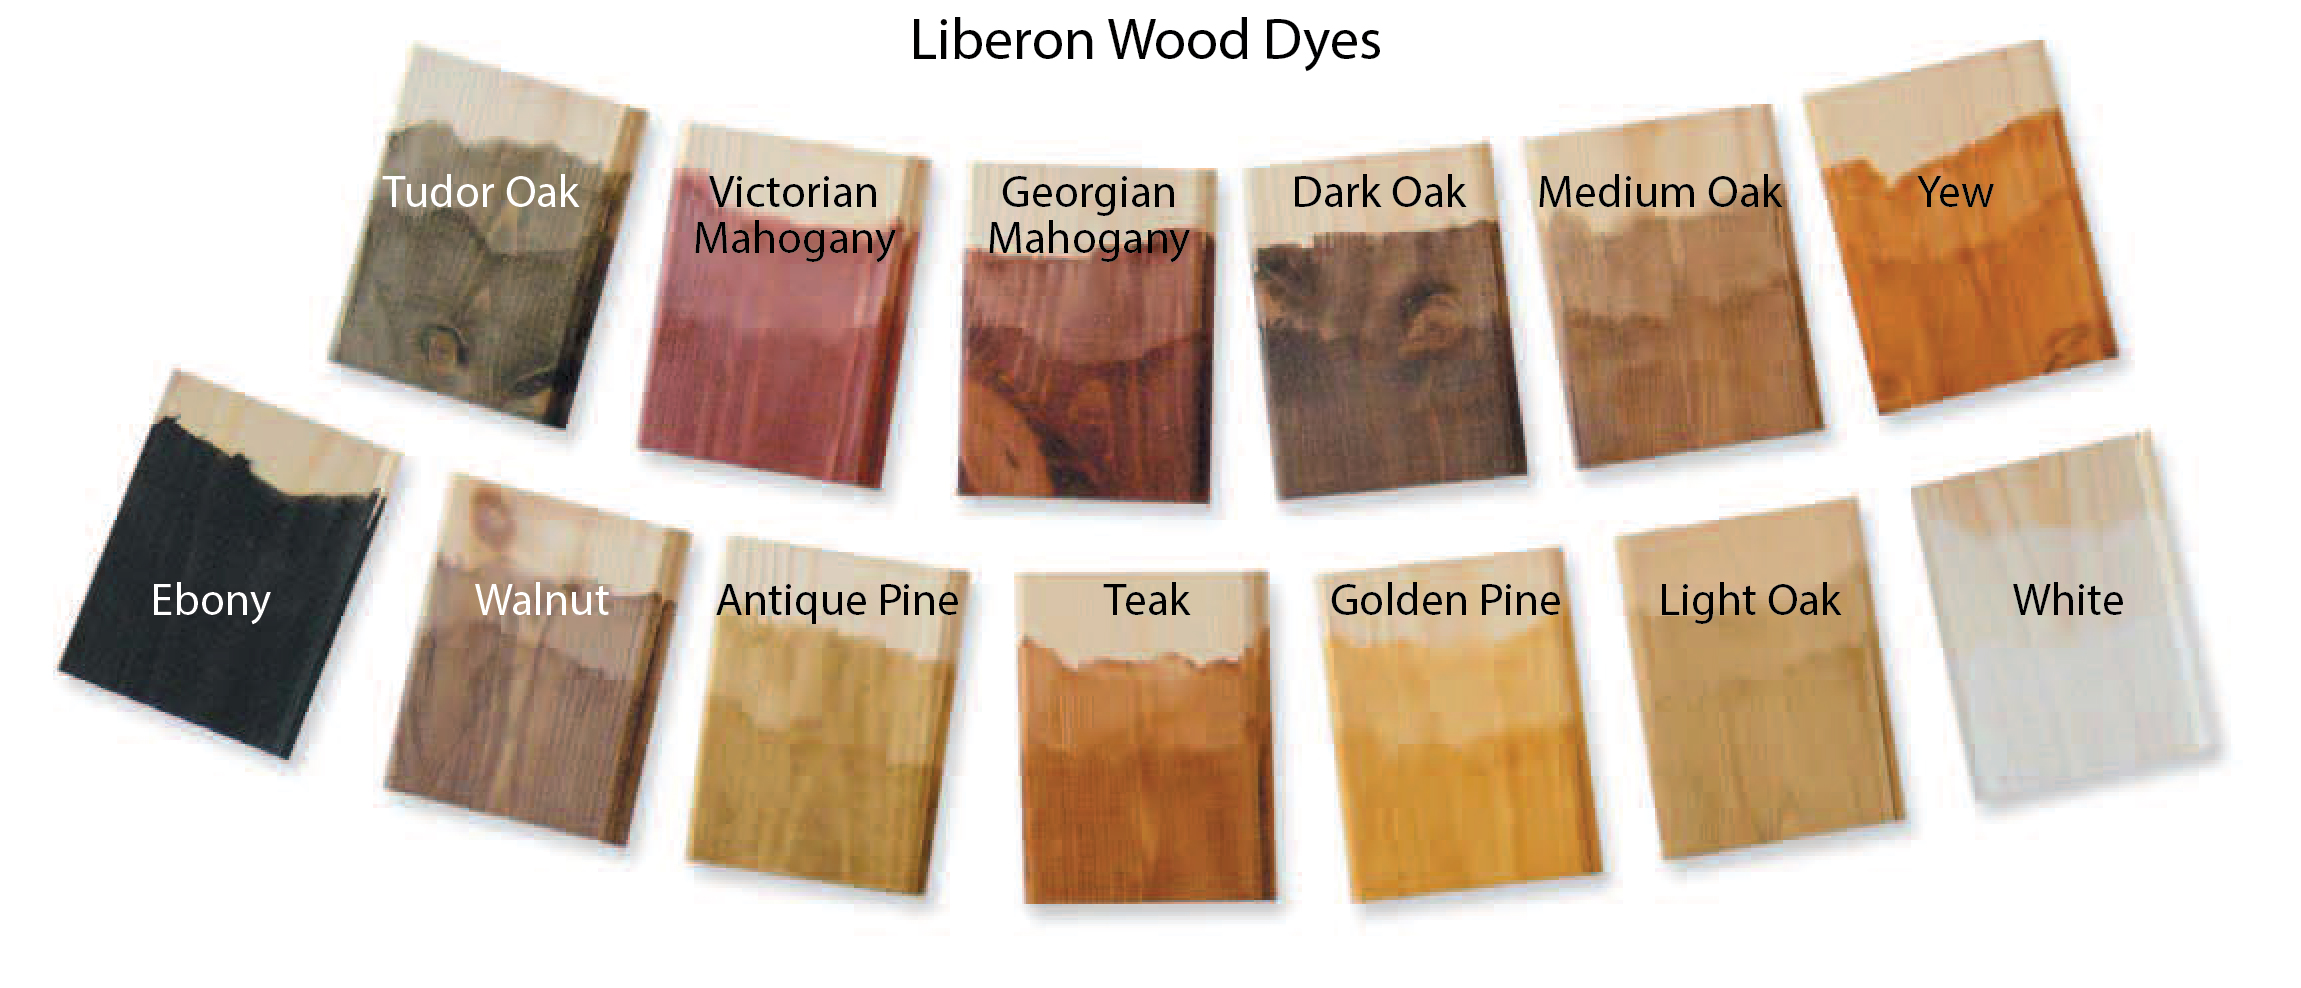 S G Bailey Paints Ltd Liberon Wood Dye Colours